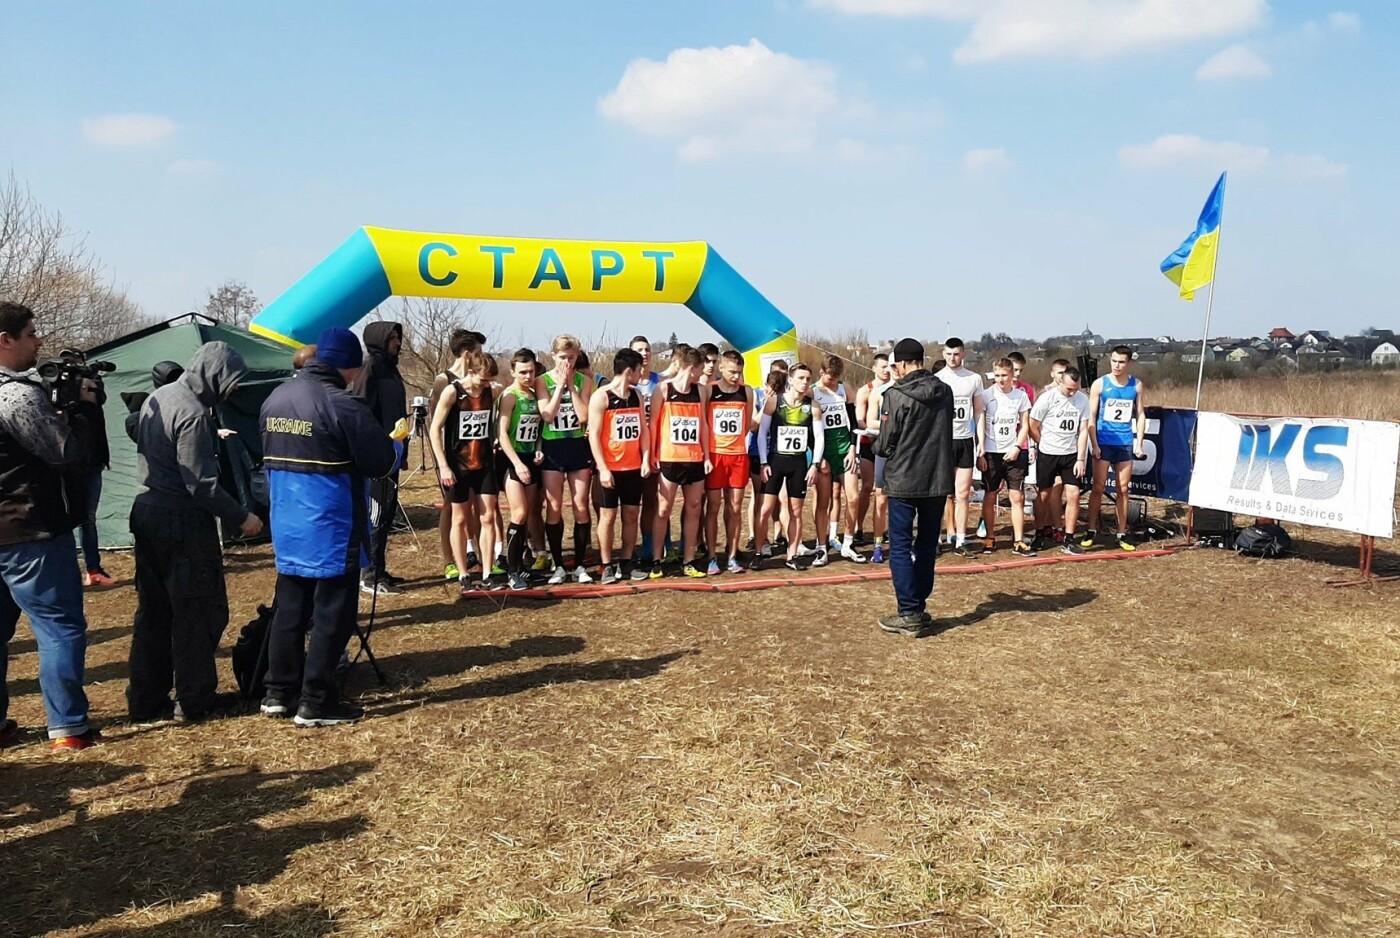 Хмельницькі легкоатлети здобули перемогу на чемпіонаті України, фото-2